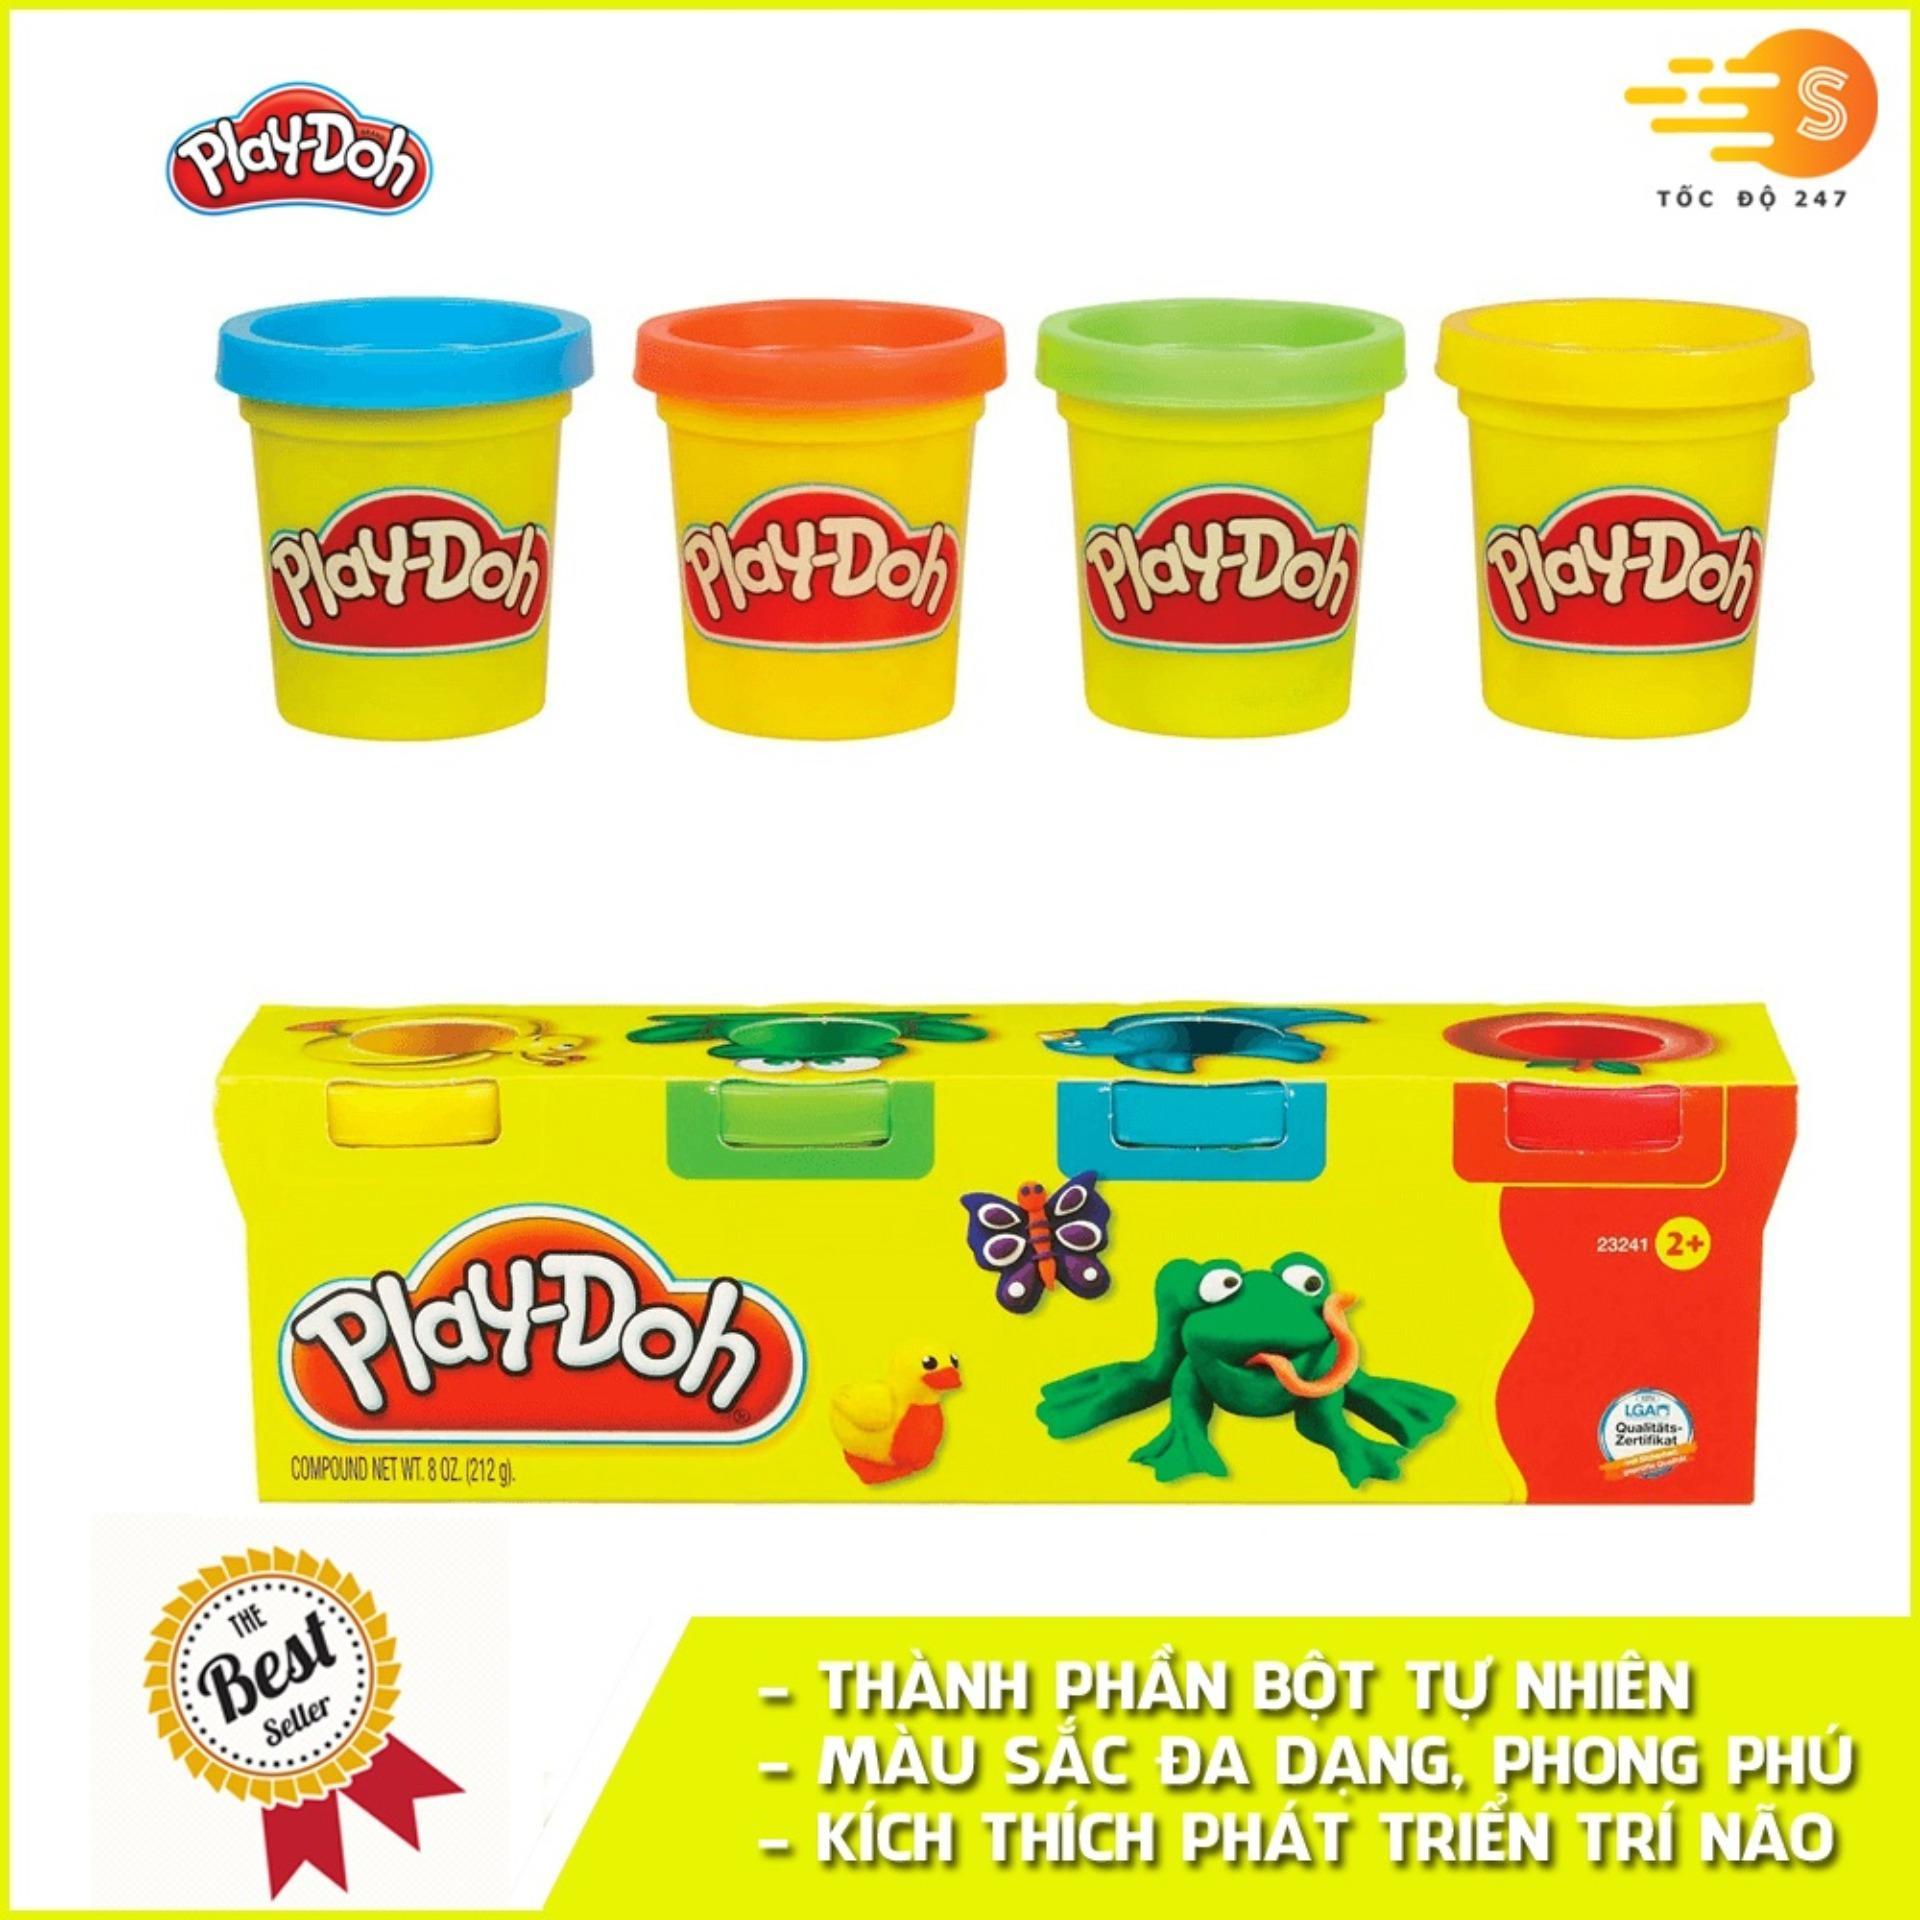 Bộ Bột Nặn Tạo Hình 4 Màu Mini Play-Doh 23241 Giảm Cực Đã